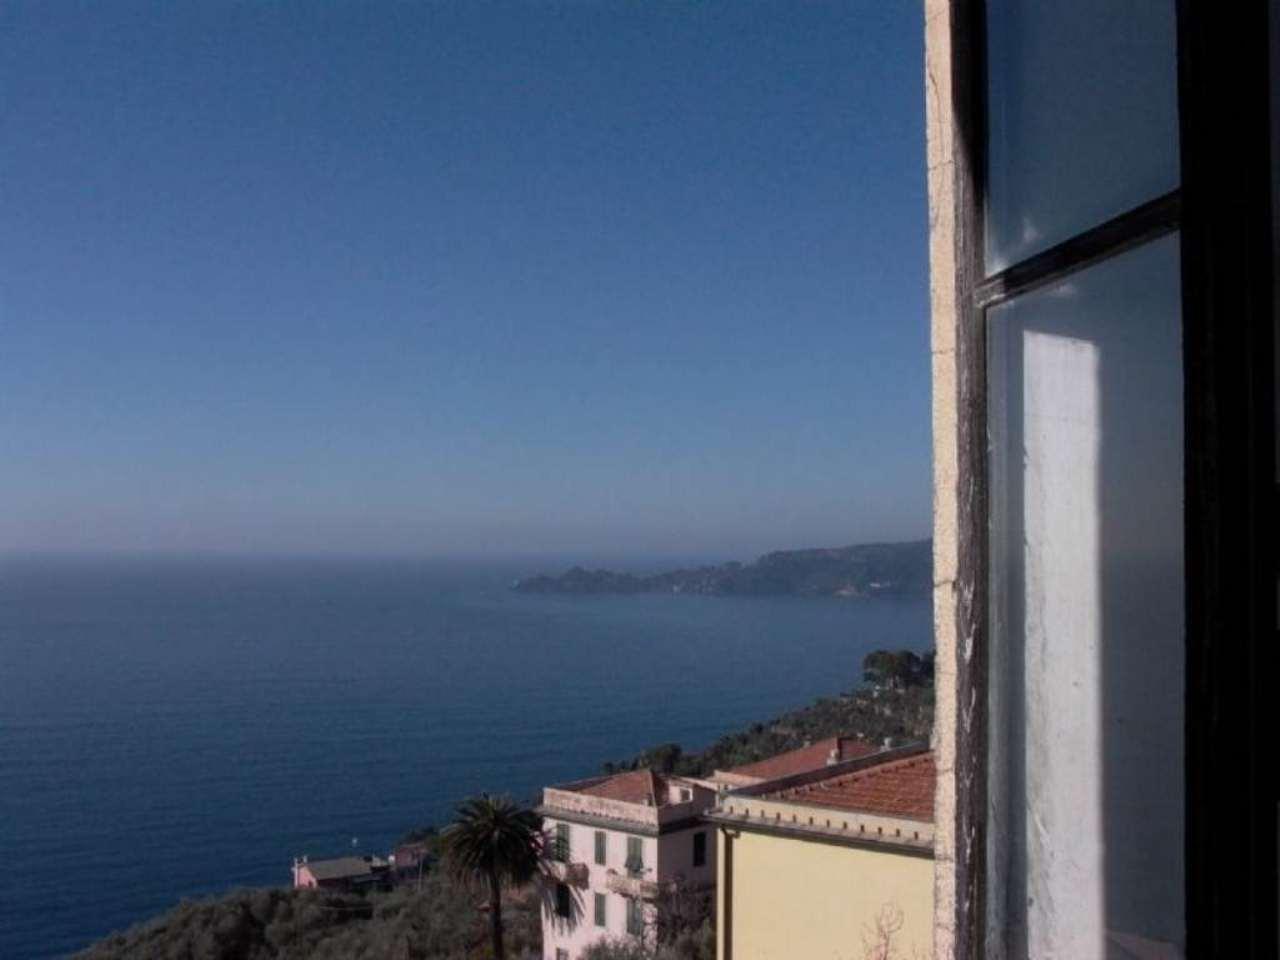 Rustico / Casale in vendita a Chiavari, 6 locali, prezzo € 530.000 | CambioCasa.it